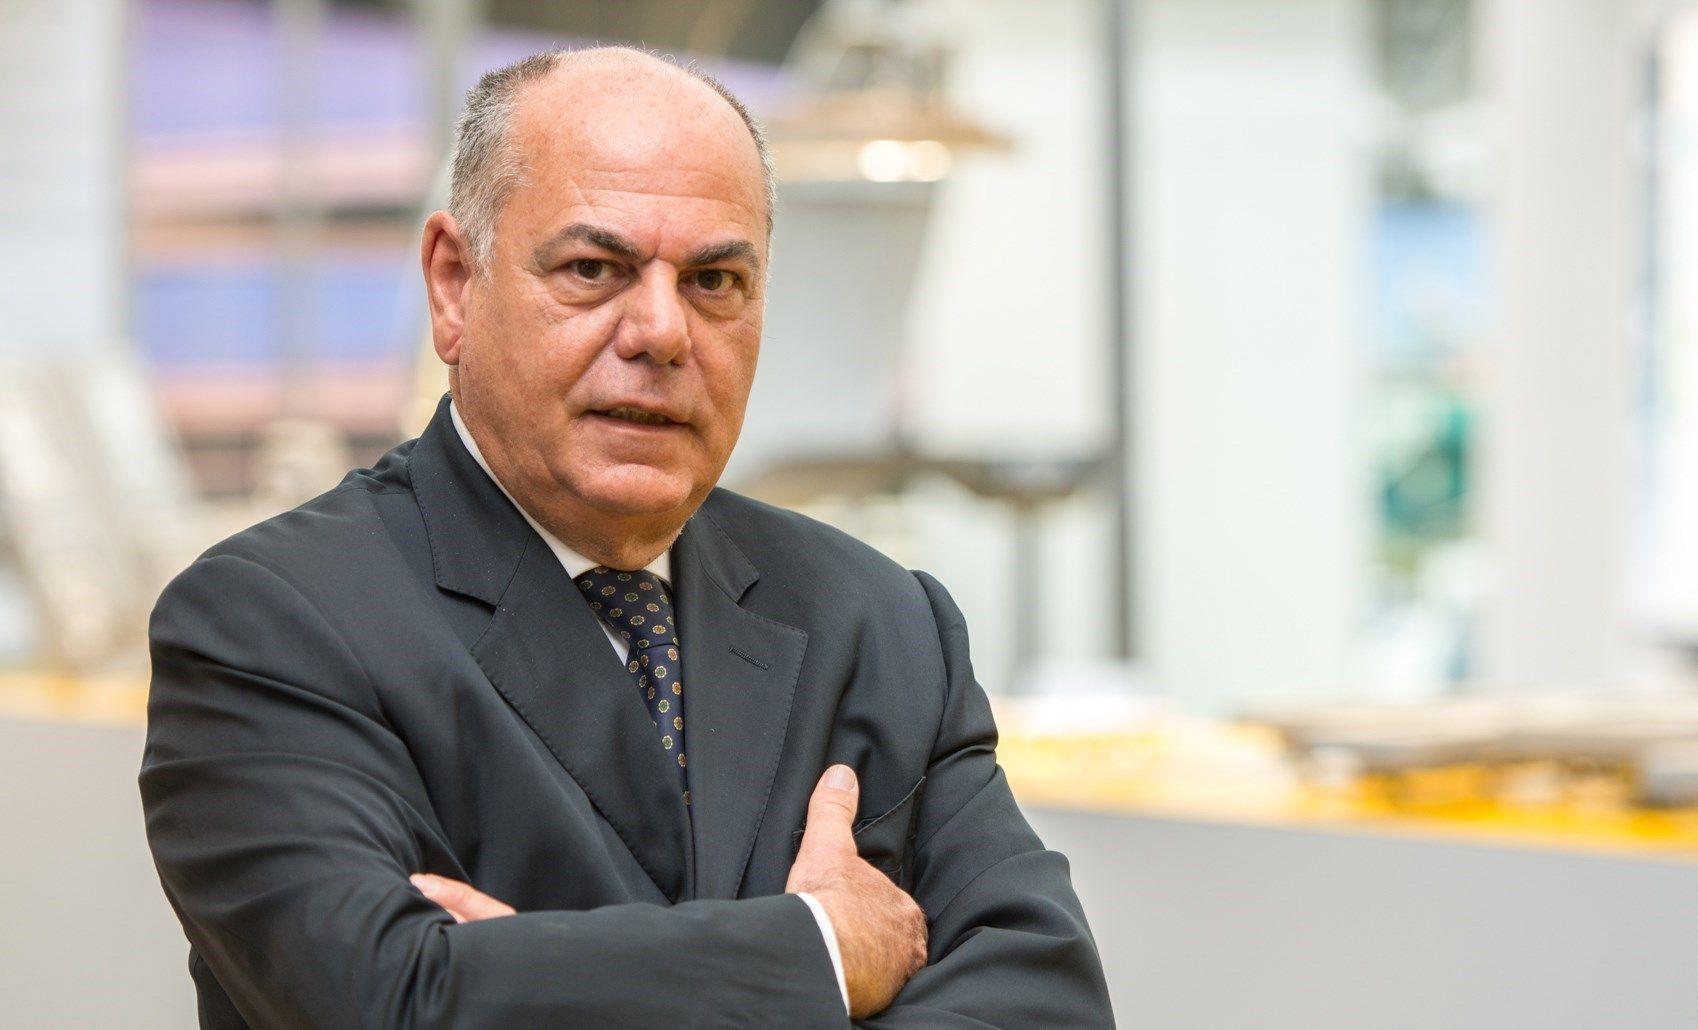 Aldo Bigatti di Gewiss SpA eletto nuovo Presidente ASSIL per il biennio 2020/2022